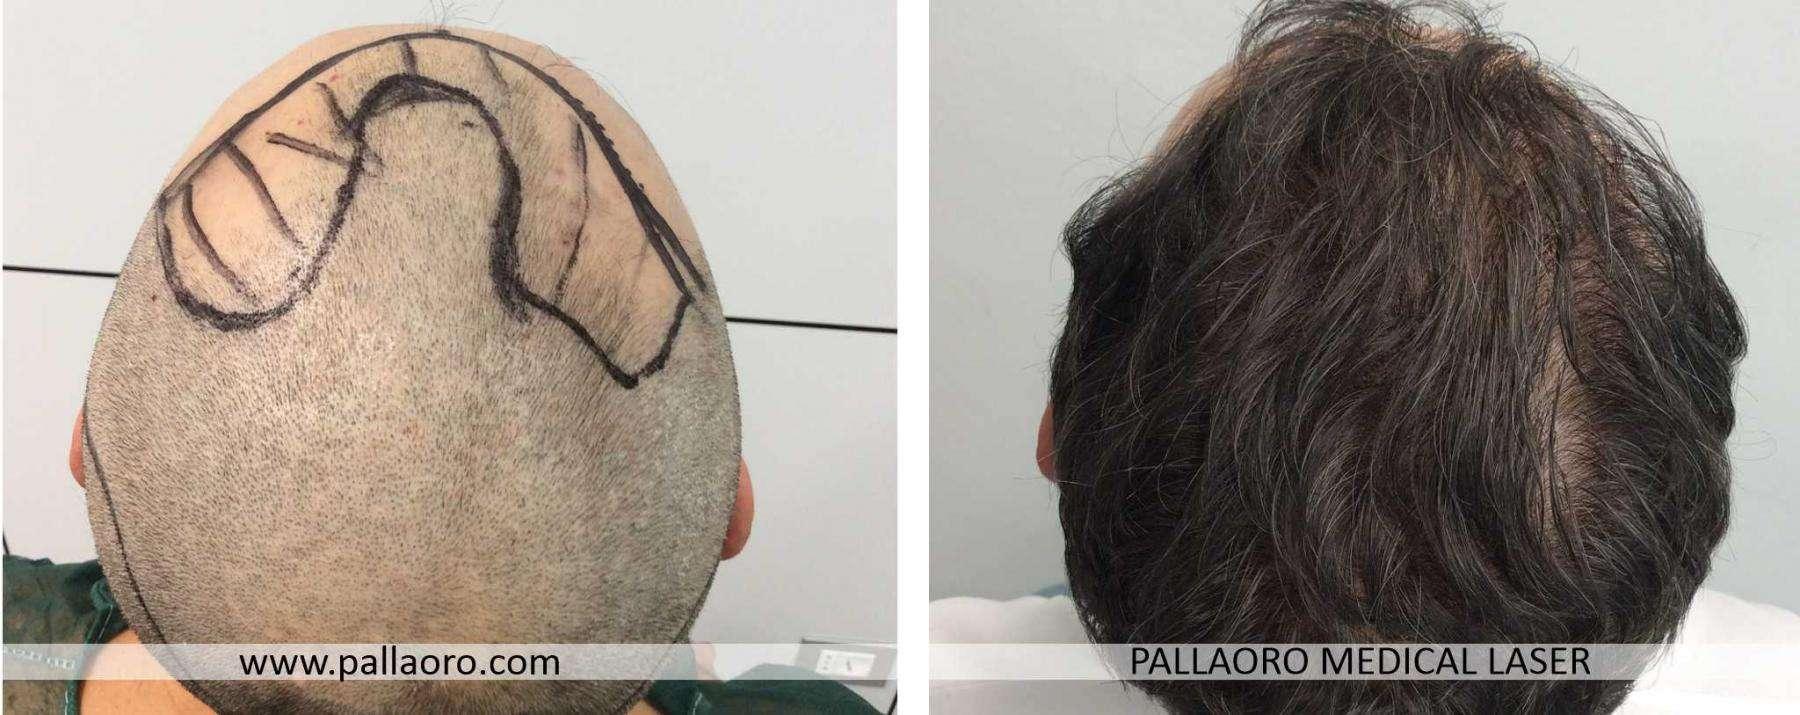 trapianto capelli 2021 03 d